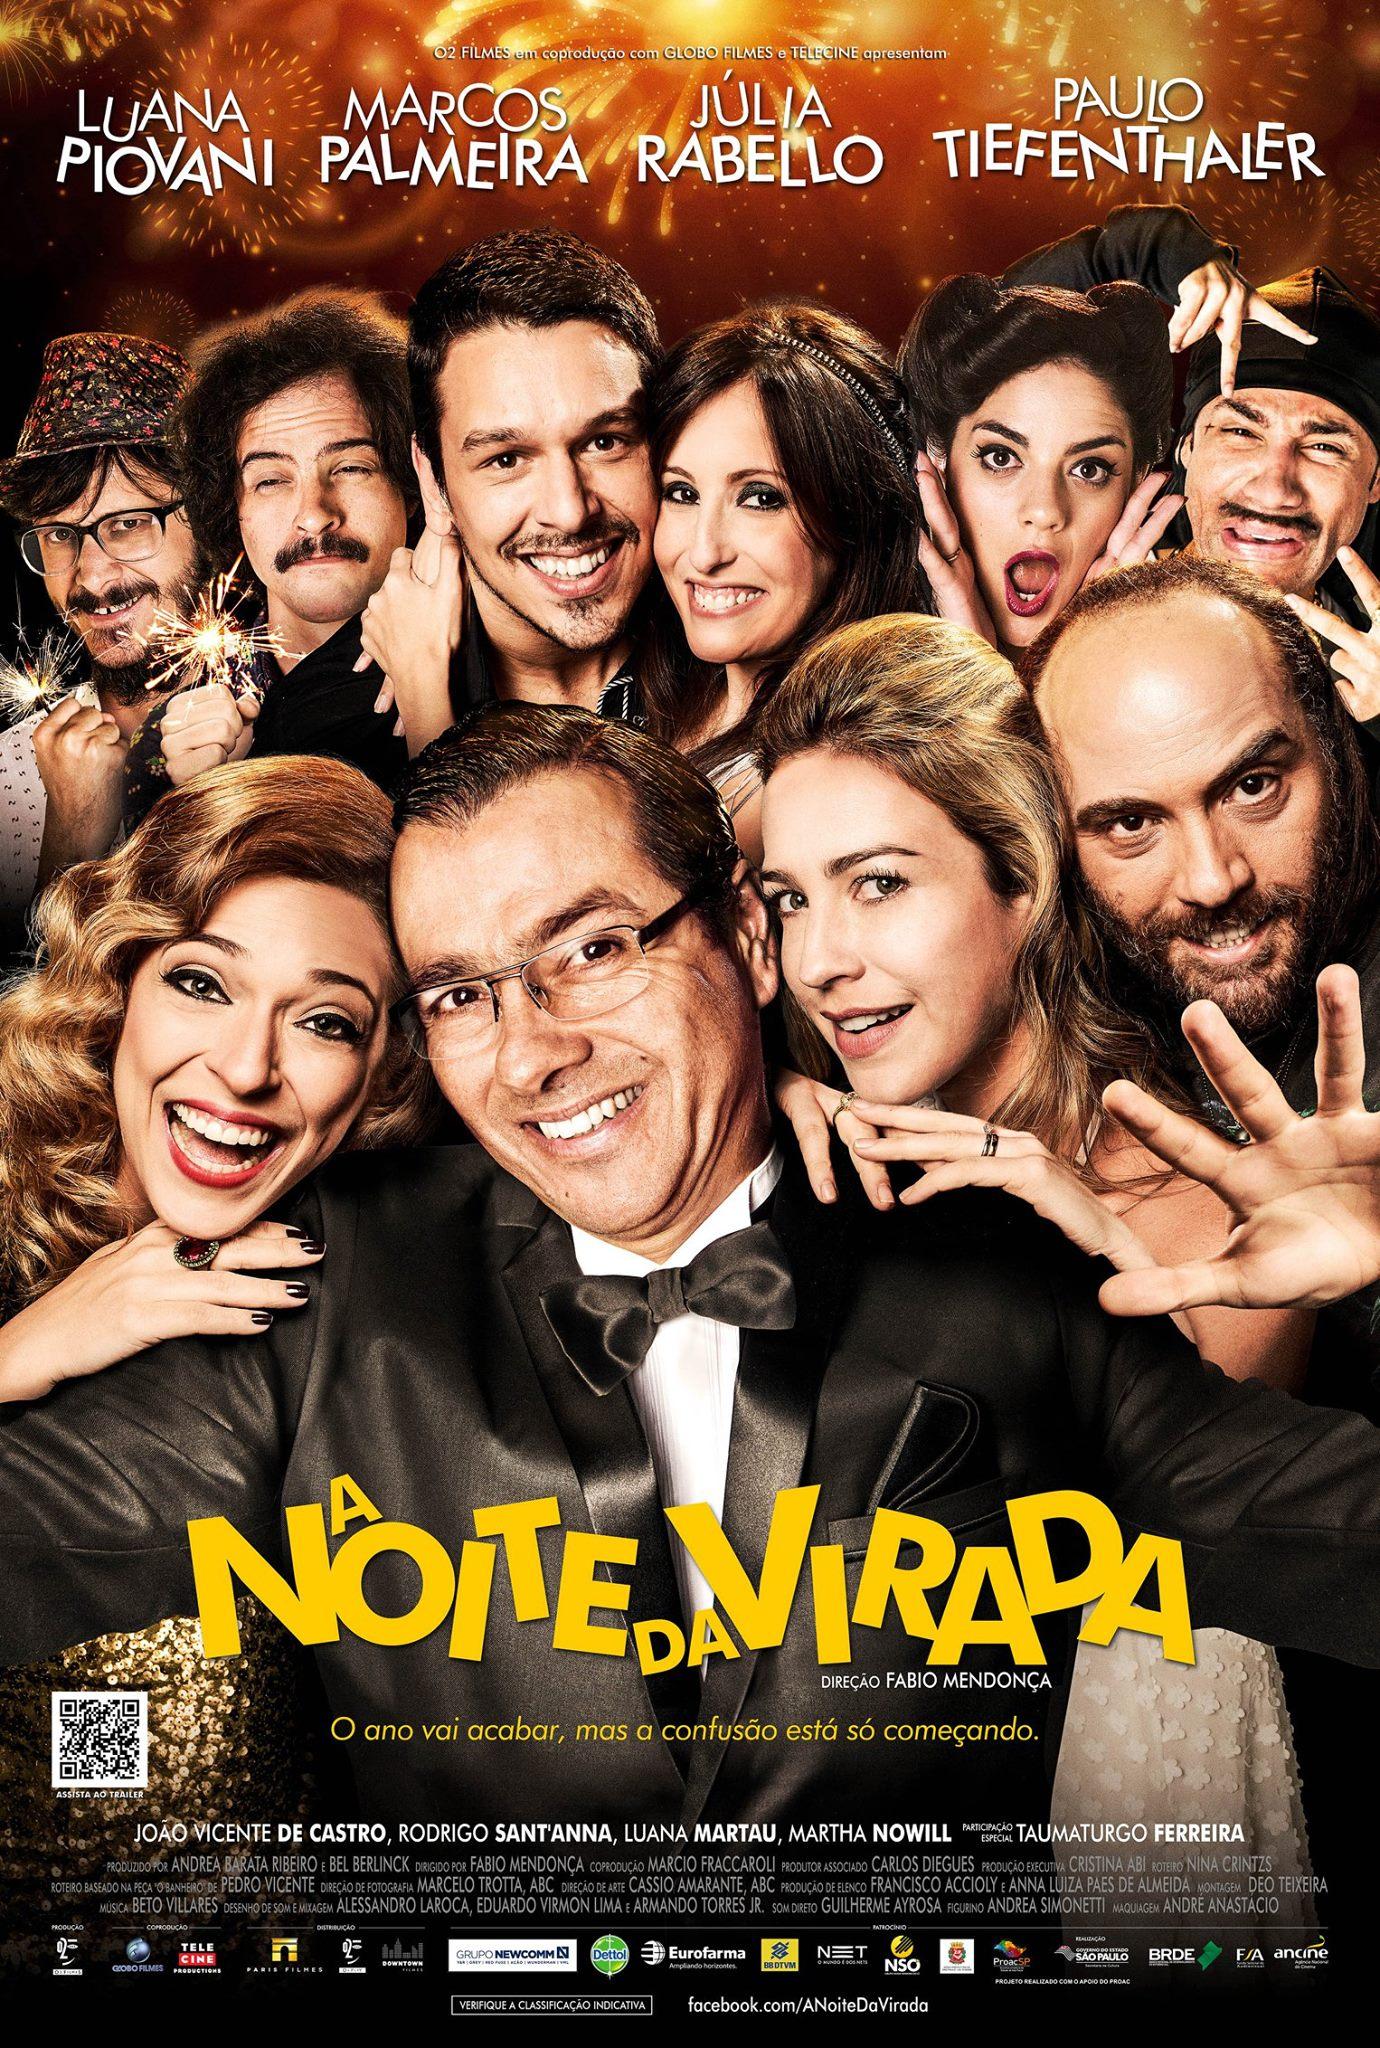 A Noite da Virada [Nac] – IMDB 4.5